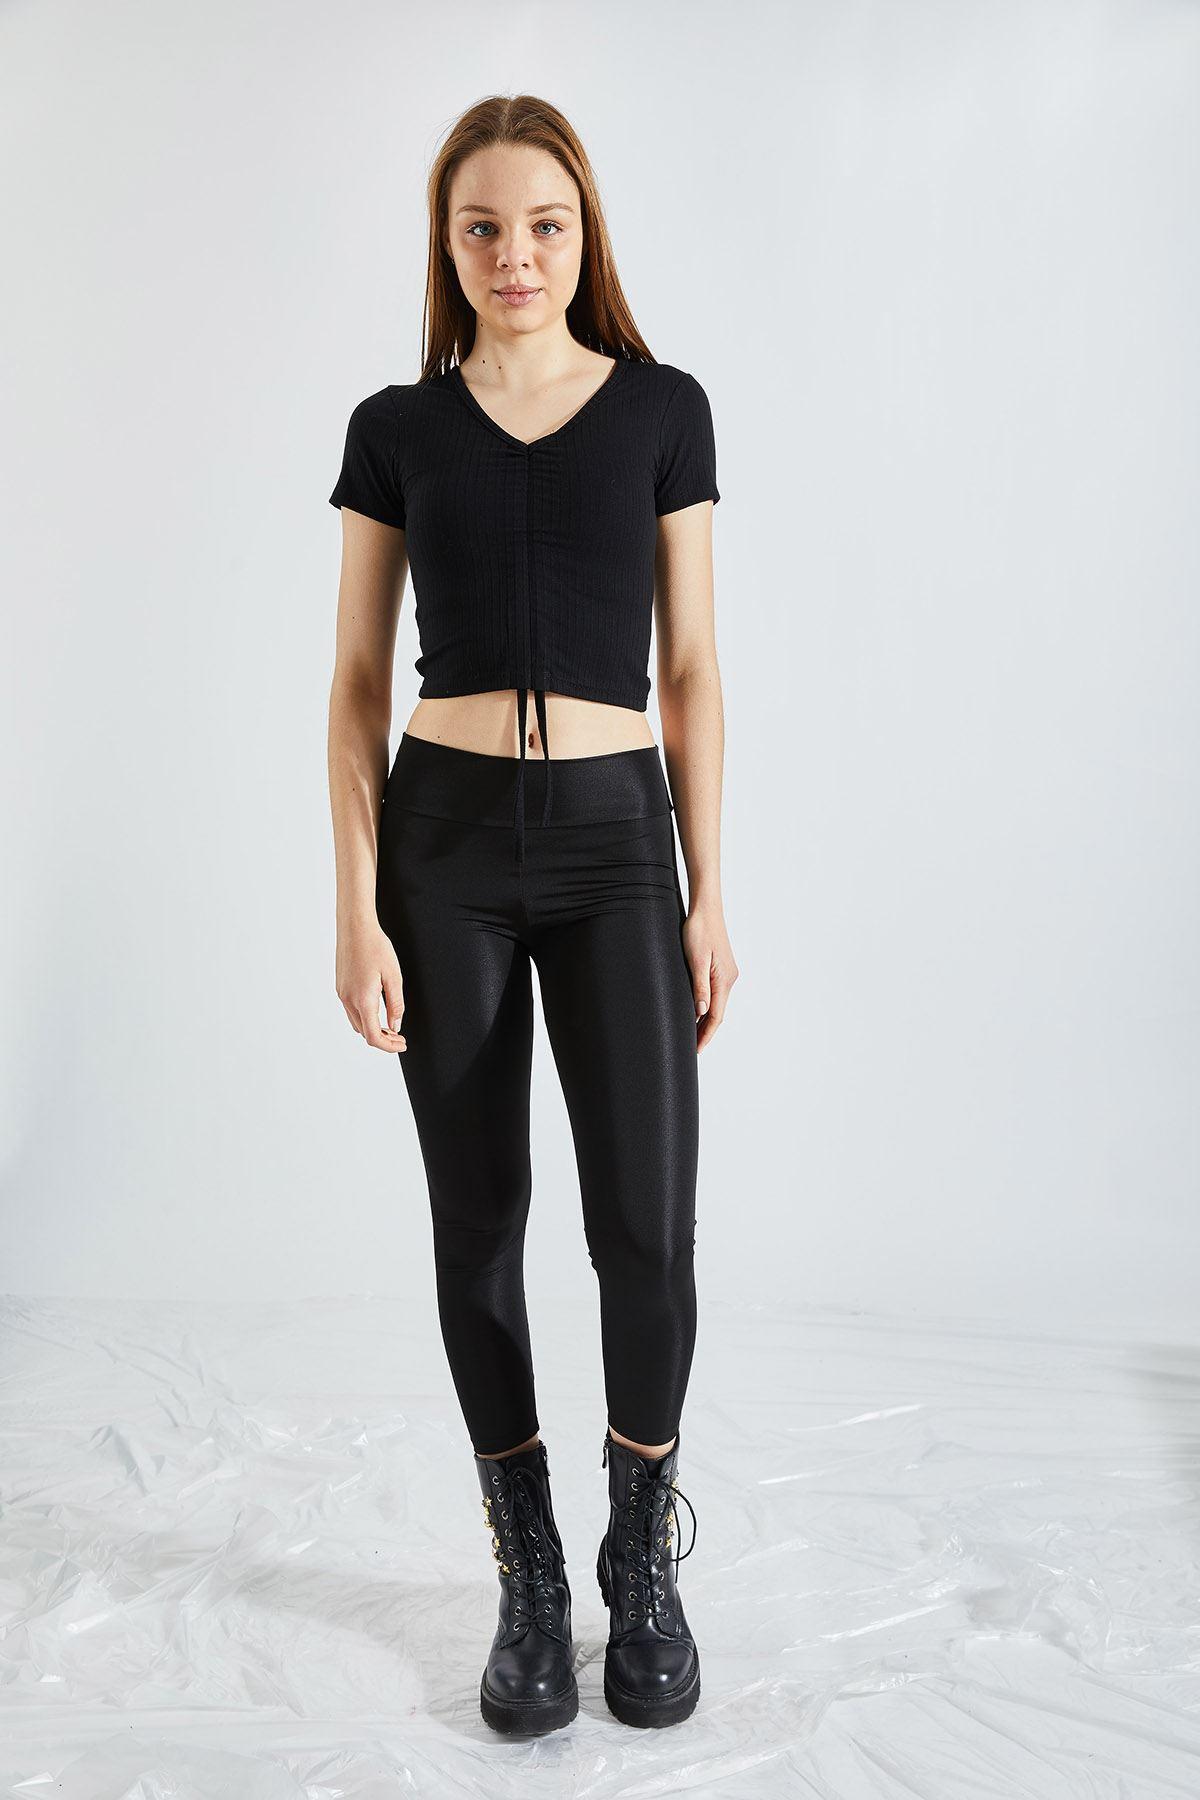 Kadın Ön Büzgülü Kaşkorse Crop Siyah Tişört